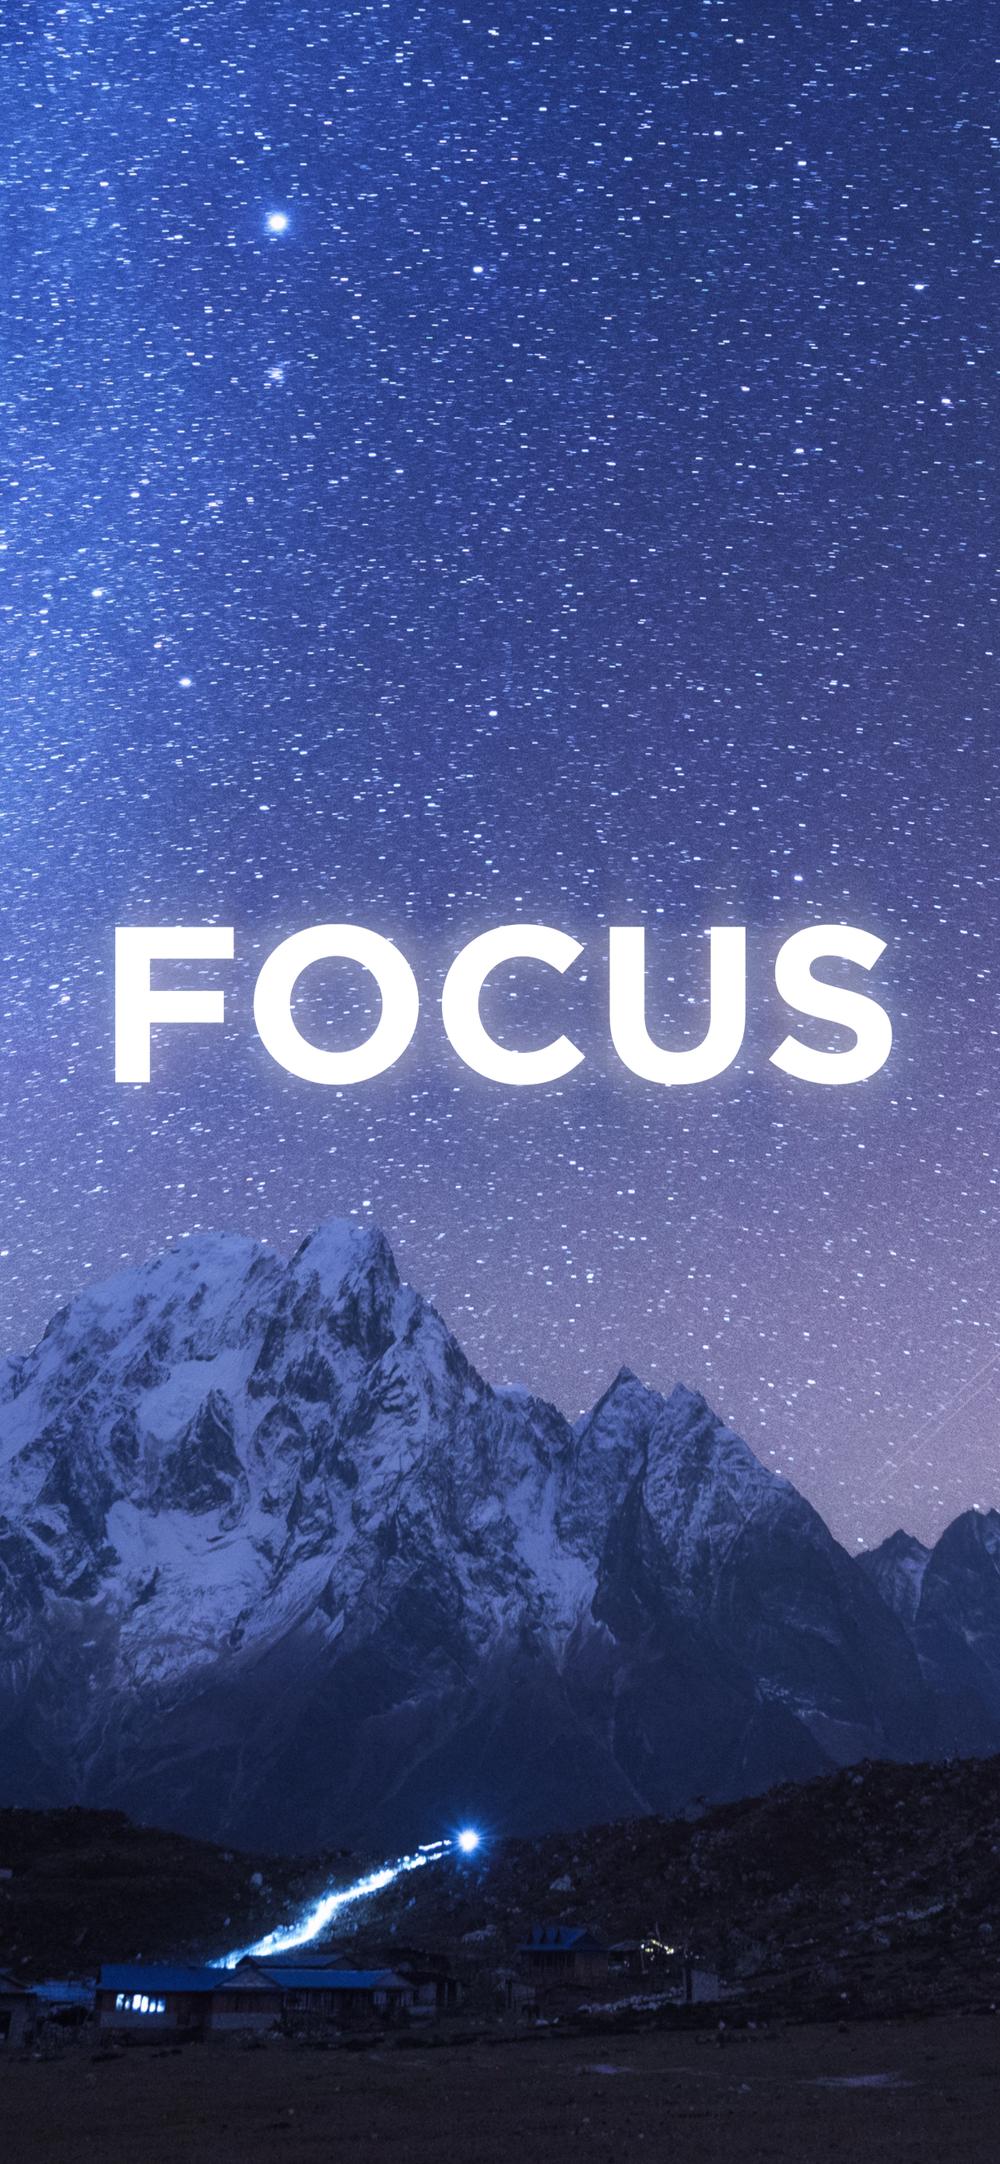 iphone-focus-background-7